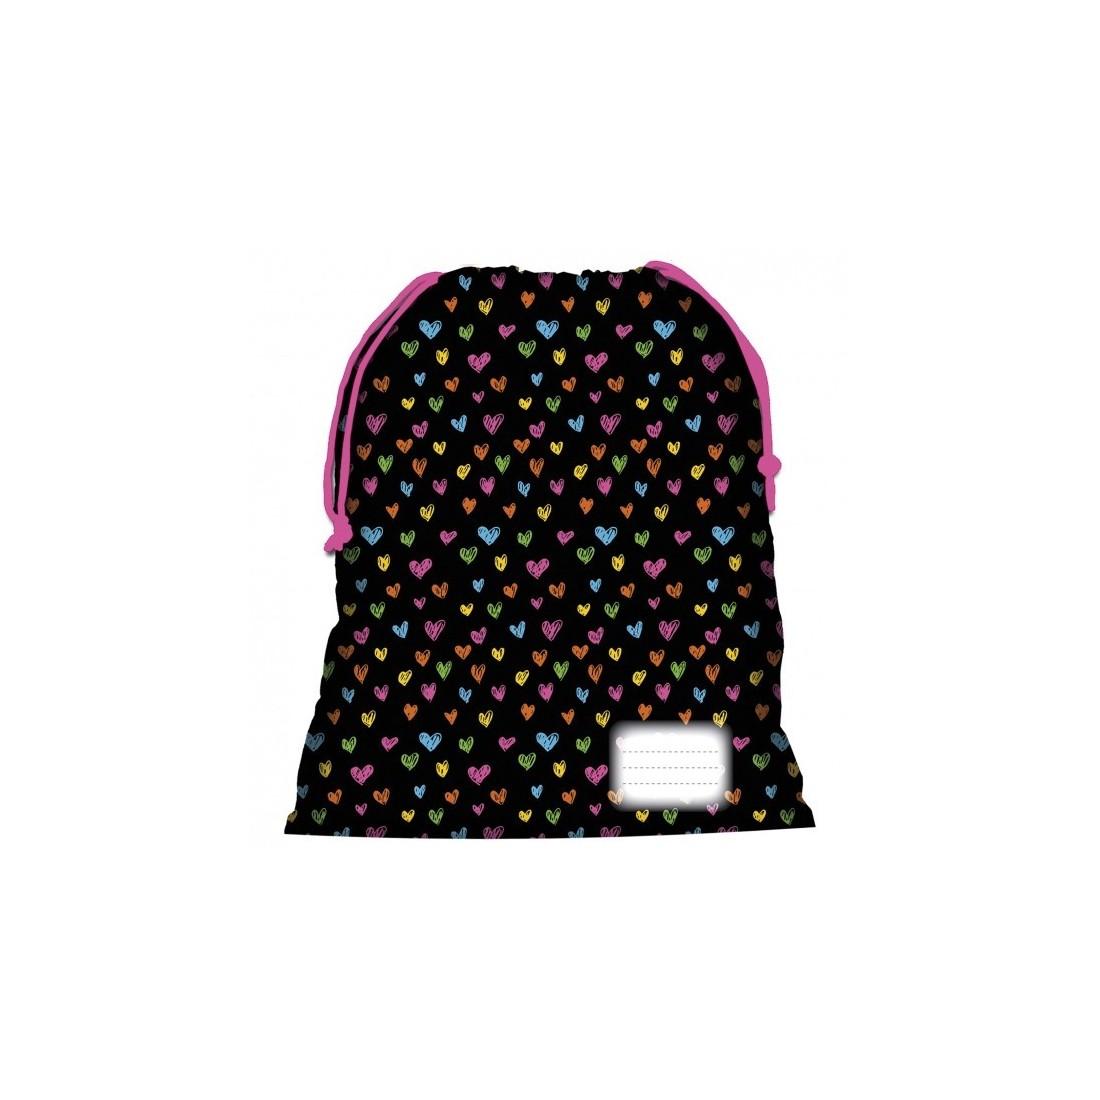 2b9f24882a3dc Worek na WF w serduszka, świetny na buty sportowe - design dla dziewczynki.  Dobierz go do kompletu z plecakiem i piórnikiem.